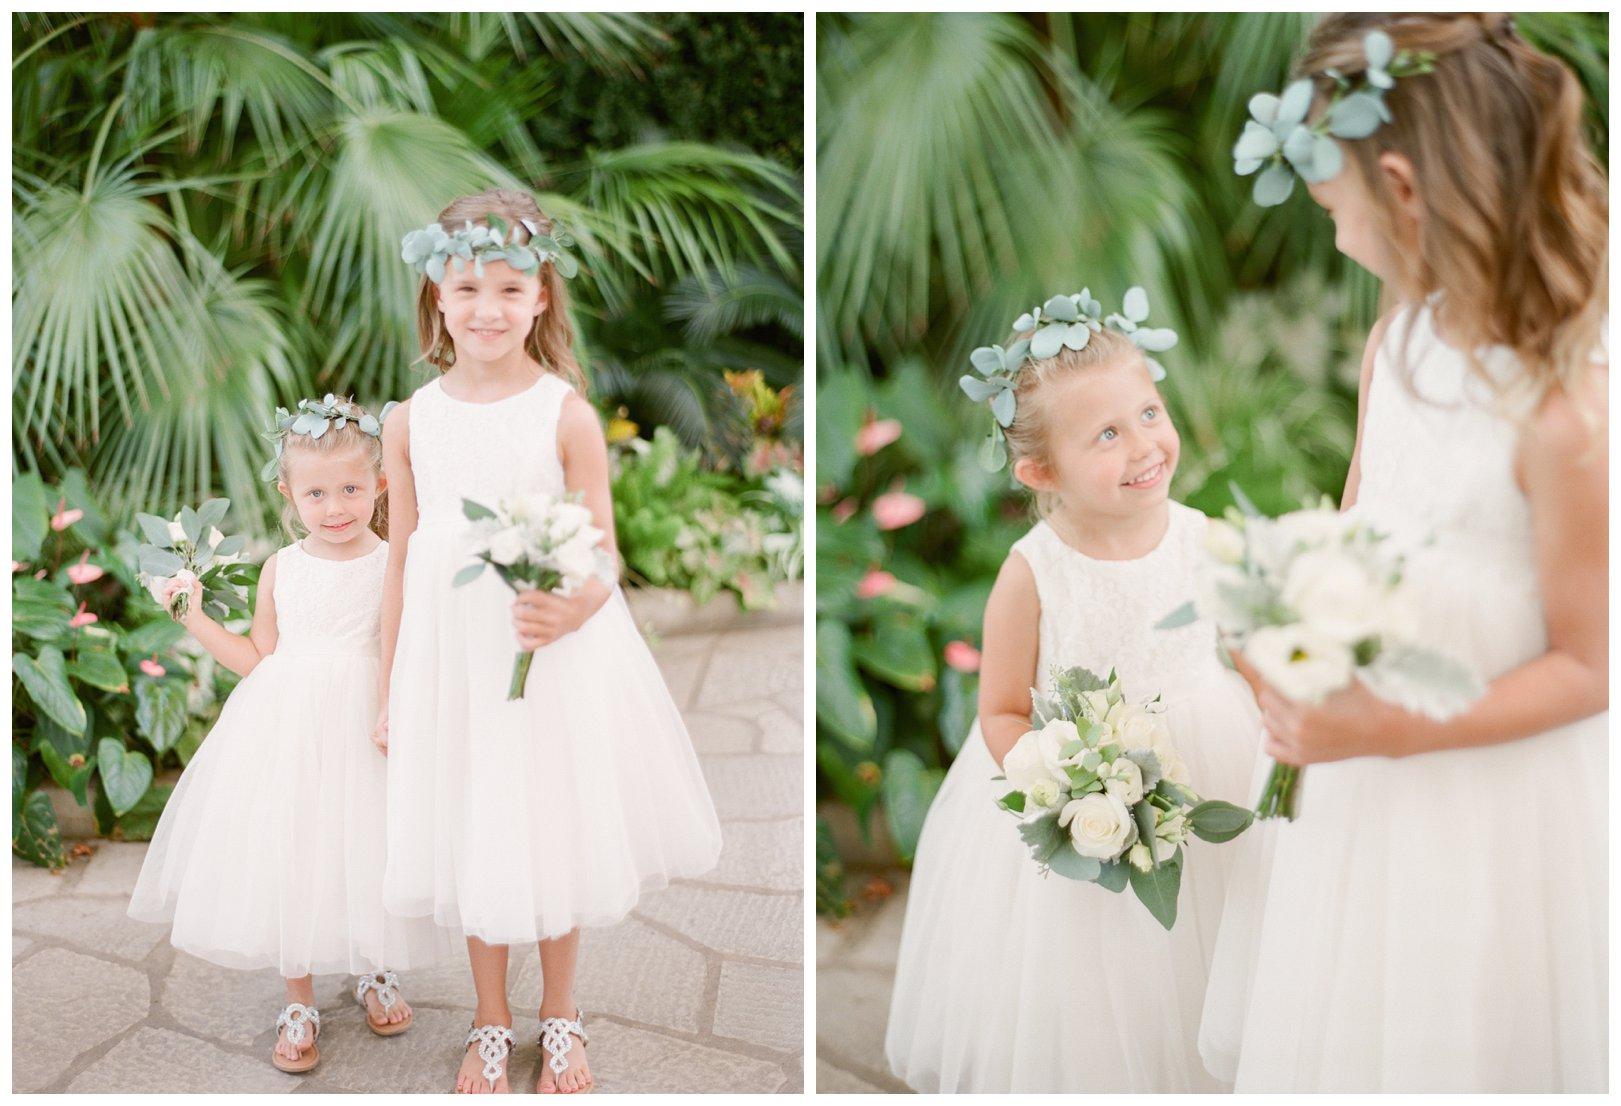 lauren muckler photography_fine art film wedding photography_st louis_photography_1307.jpg